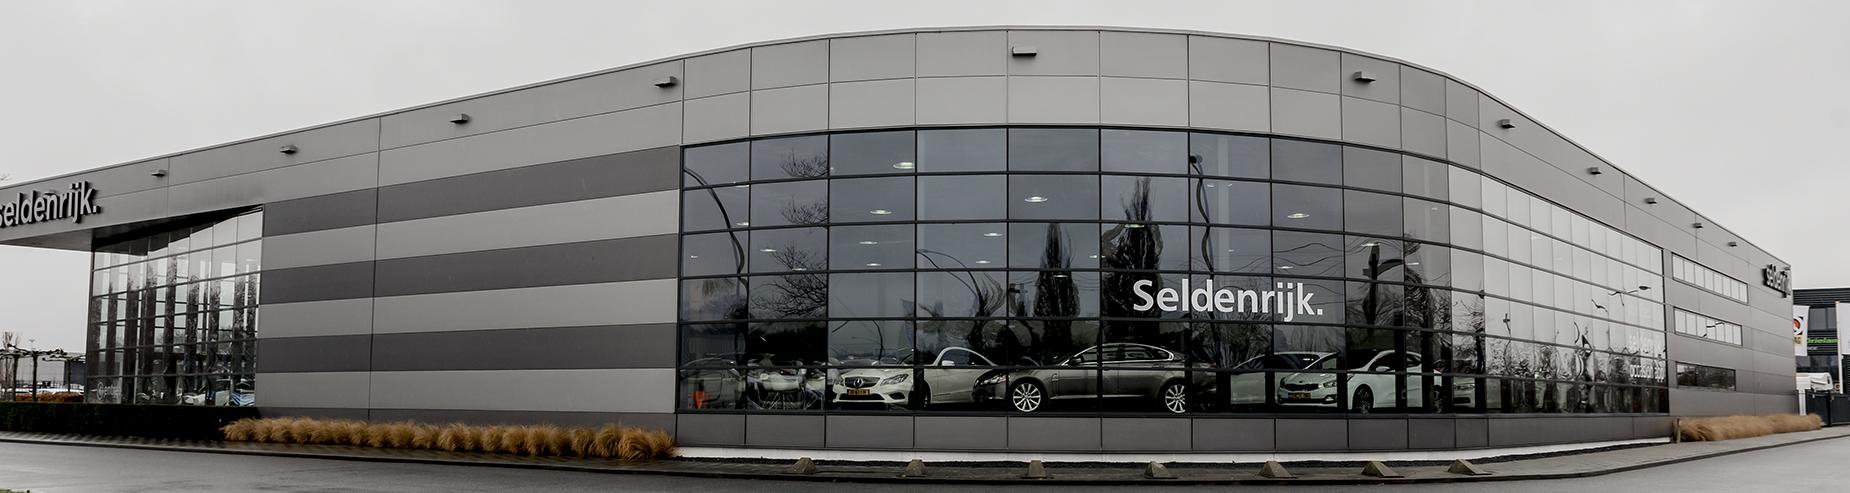 Seldenrijk Harderwijk